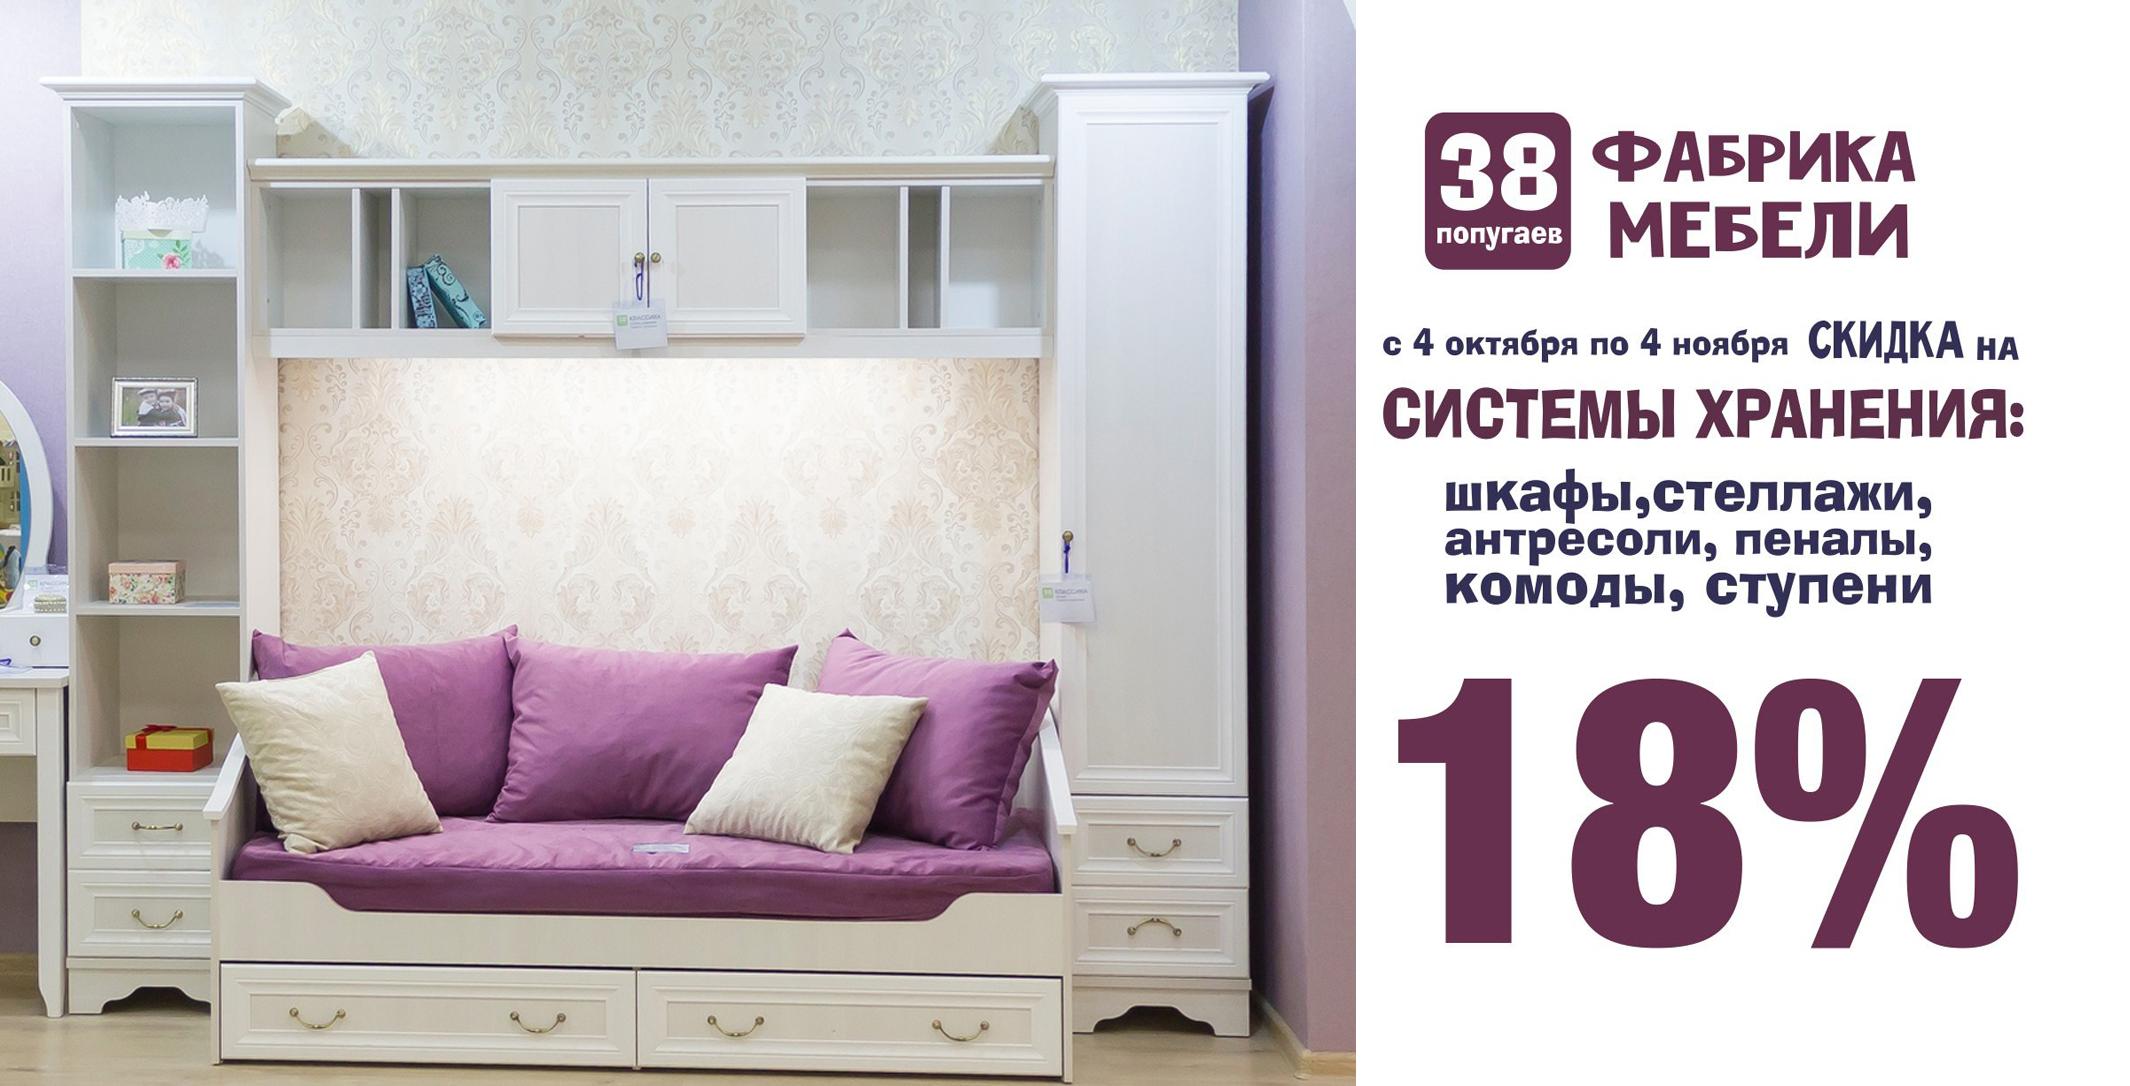 http://online-magazin-mebeli.ru/images/upload/38поп.jpg